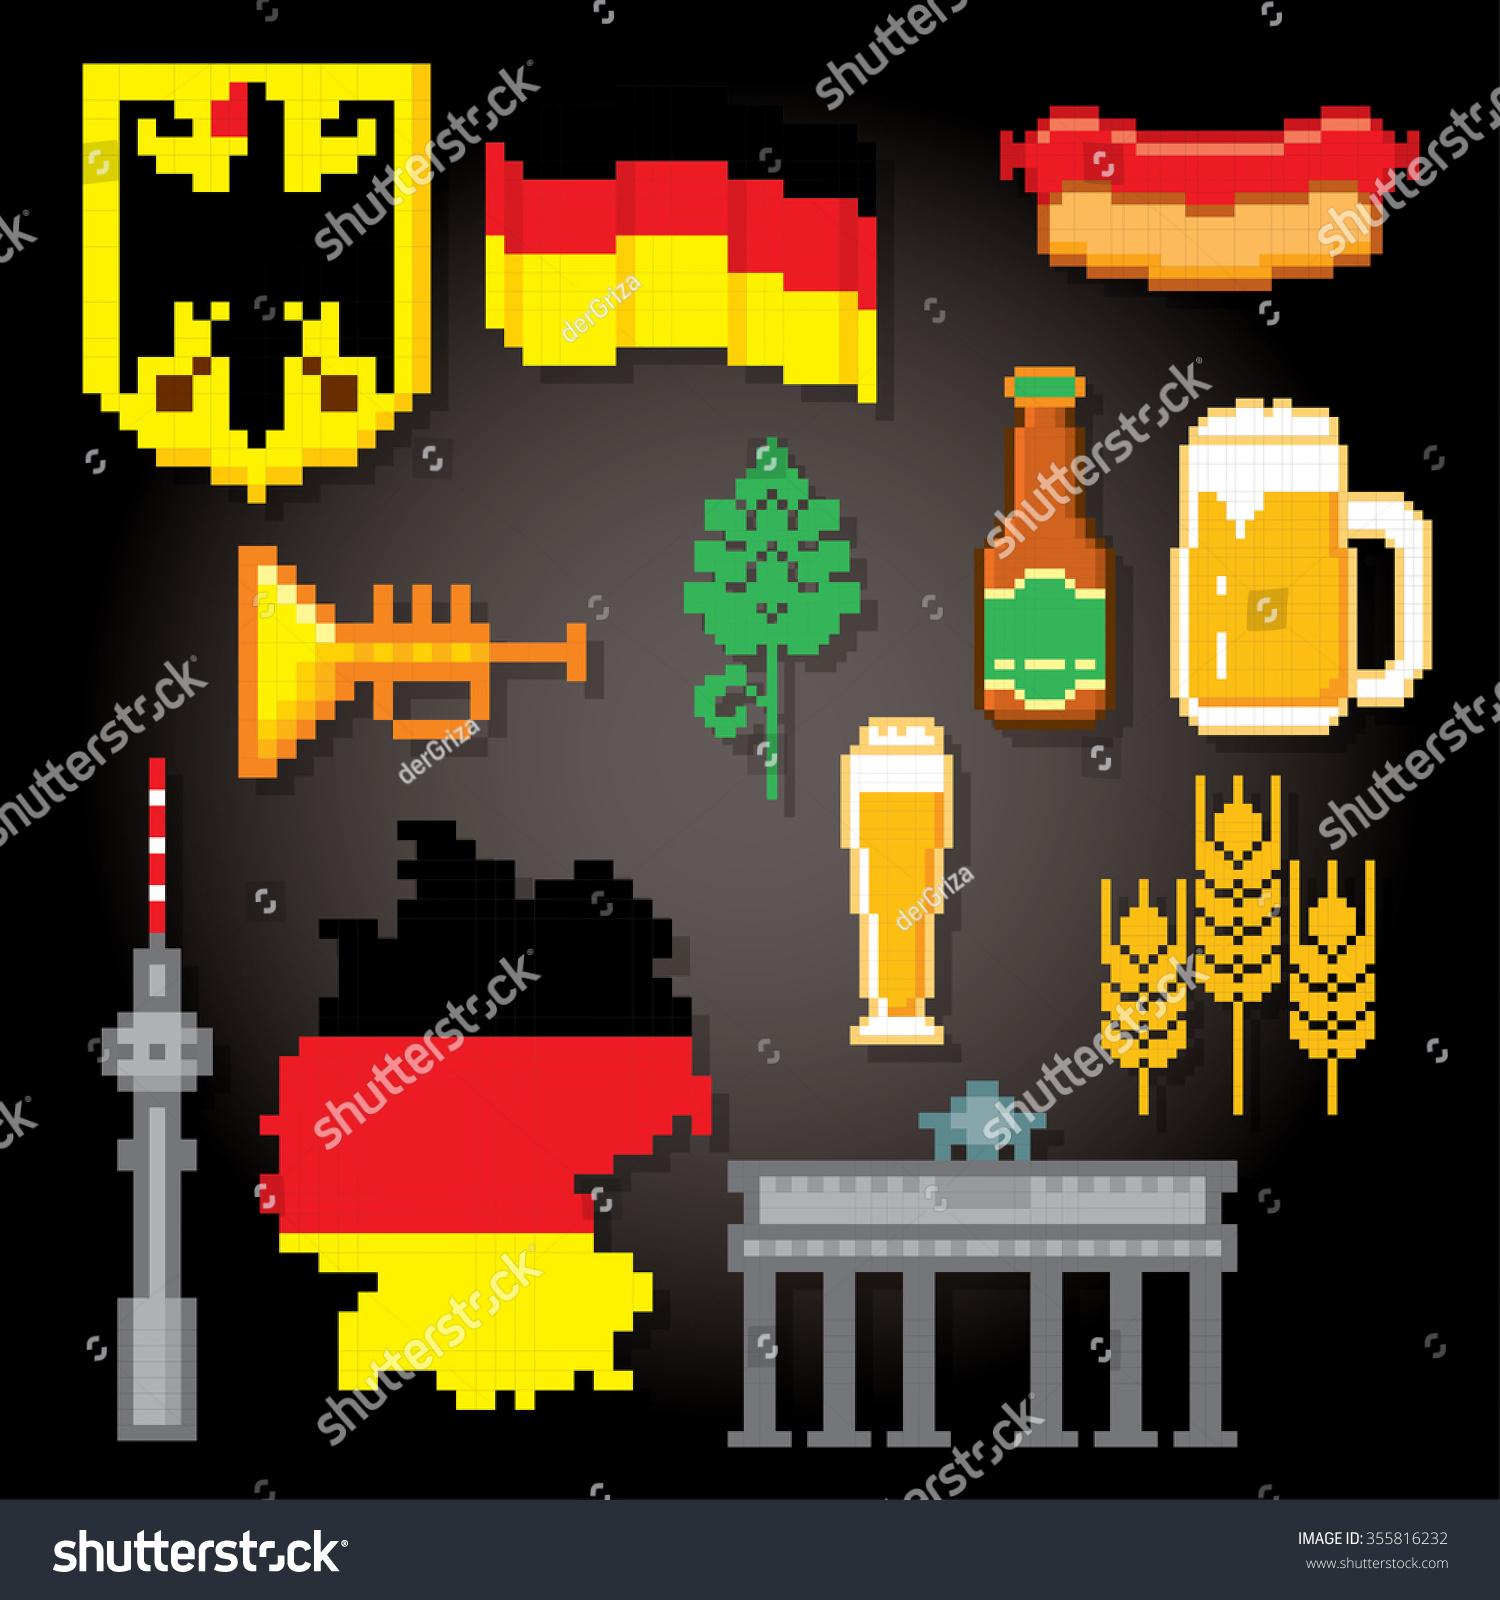 German Culture Symbols Icons Set Pixel Stock Vector 355816232